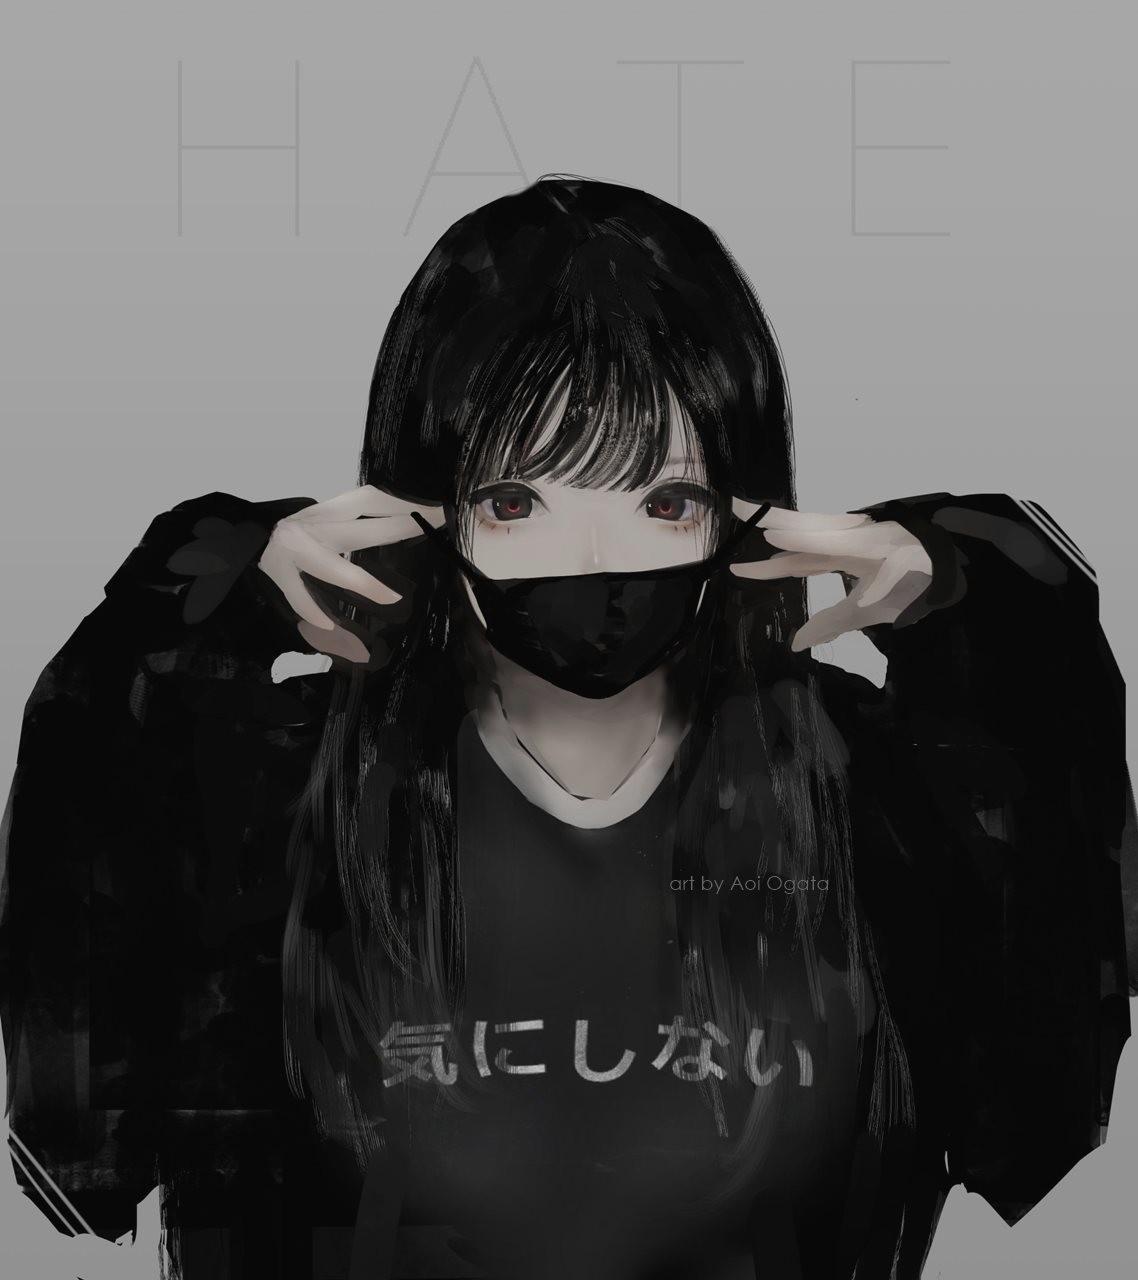 Aoi ogata maemask